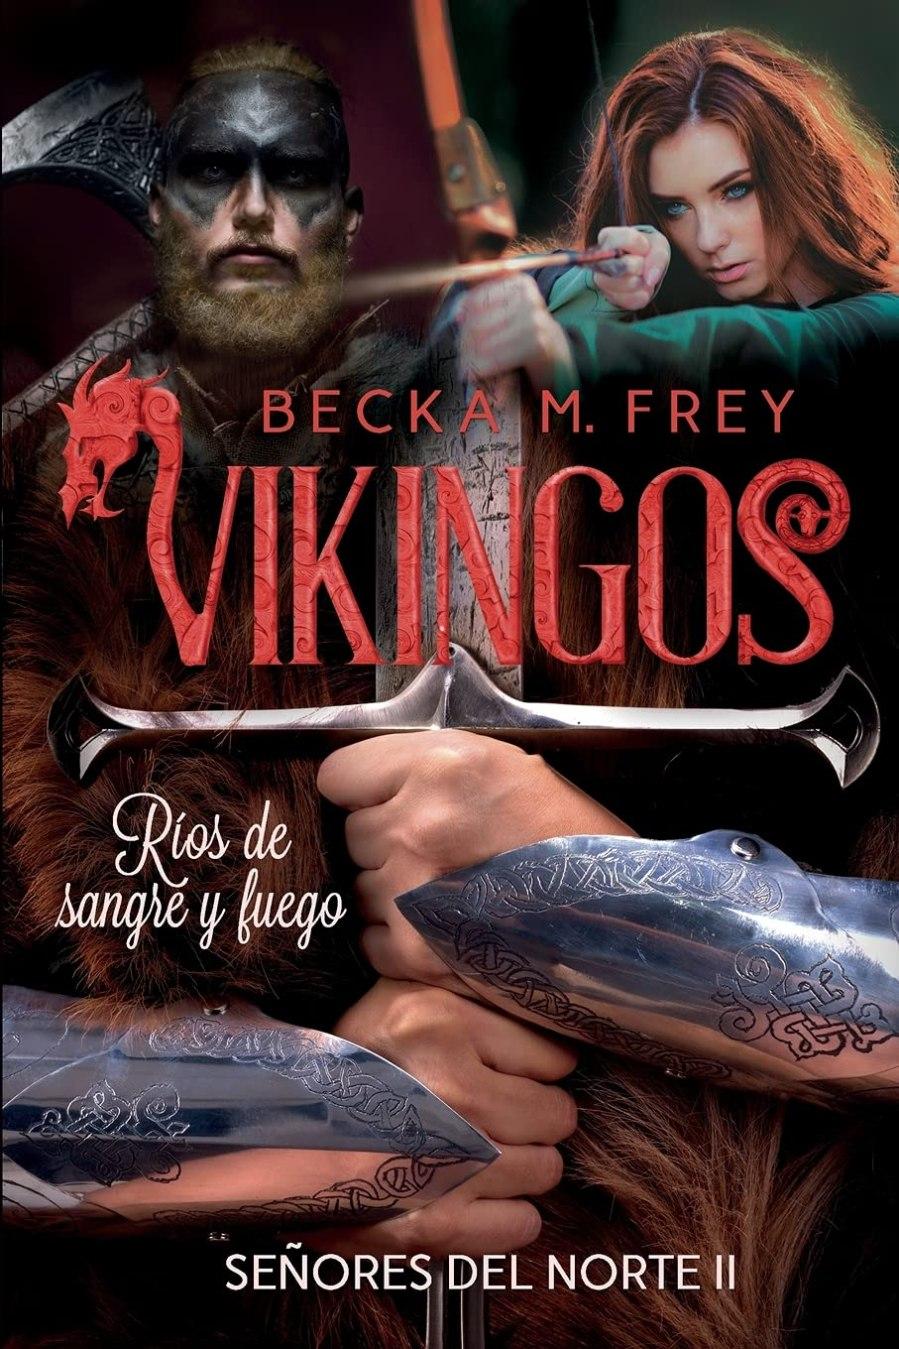 Vikingos: Ríos de sangre y fuego Book Cover